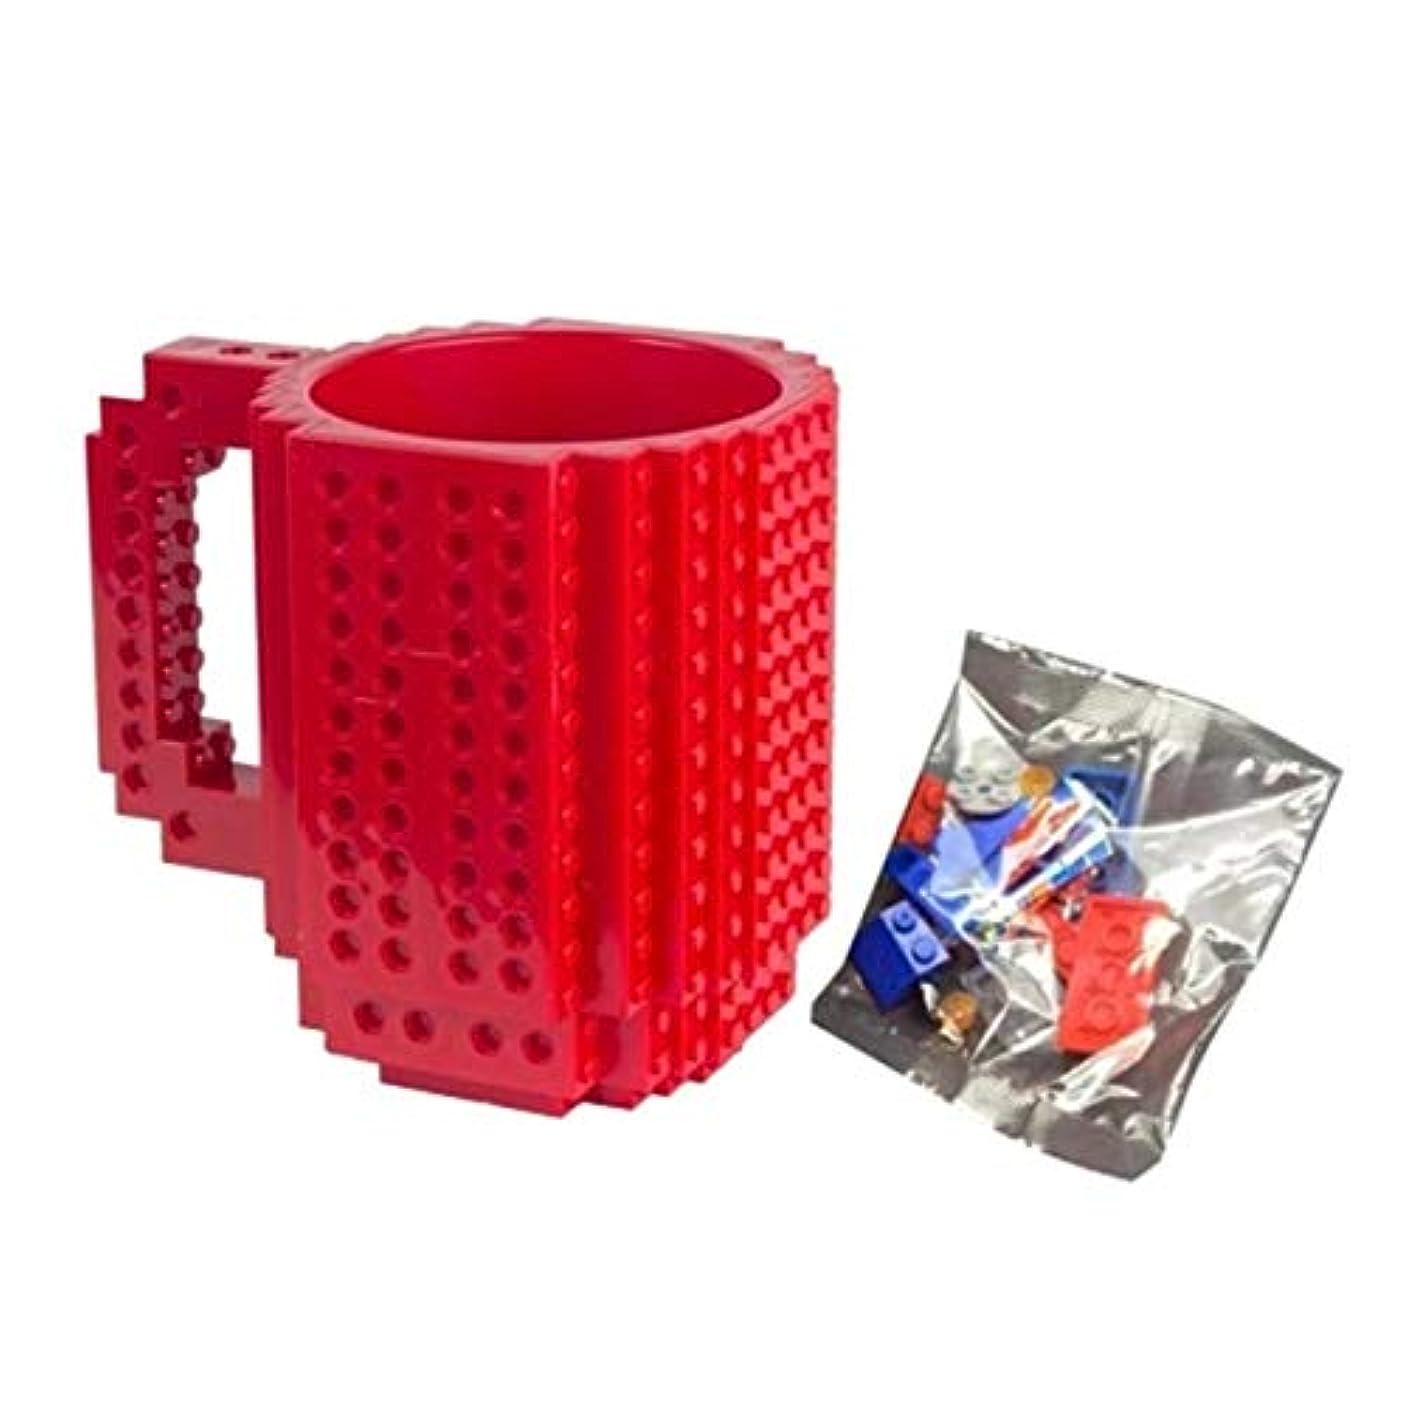 地上の確実スナップSaikogoods レンガマグカップDIY?ビルディング?ブロックのコーヒーカップを構築 赤